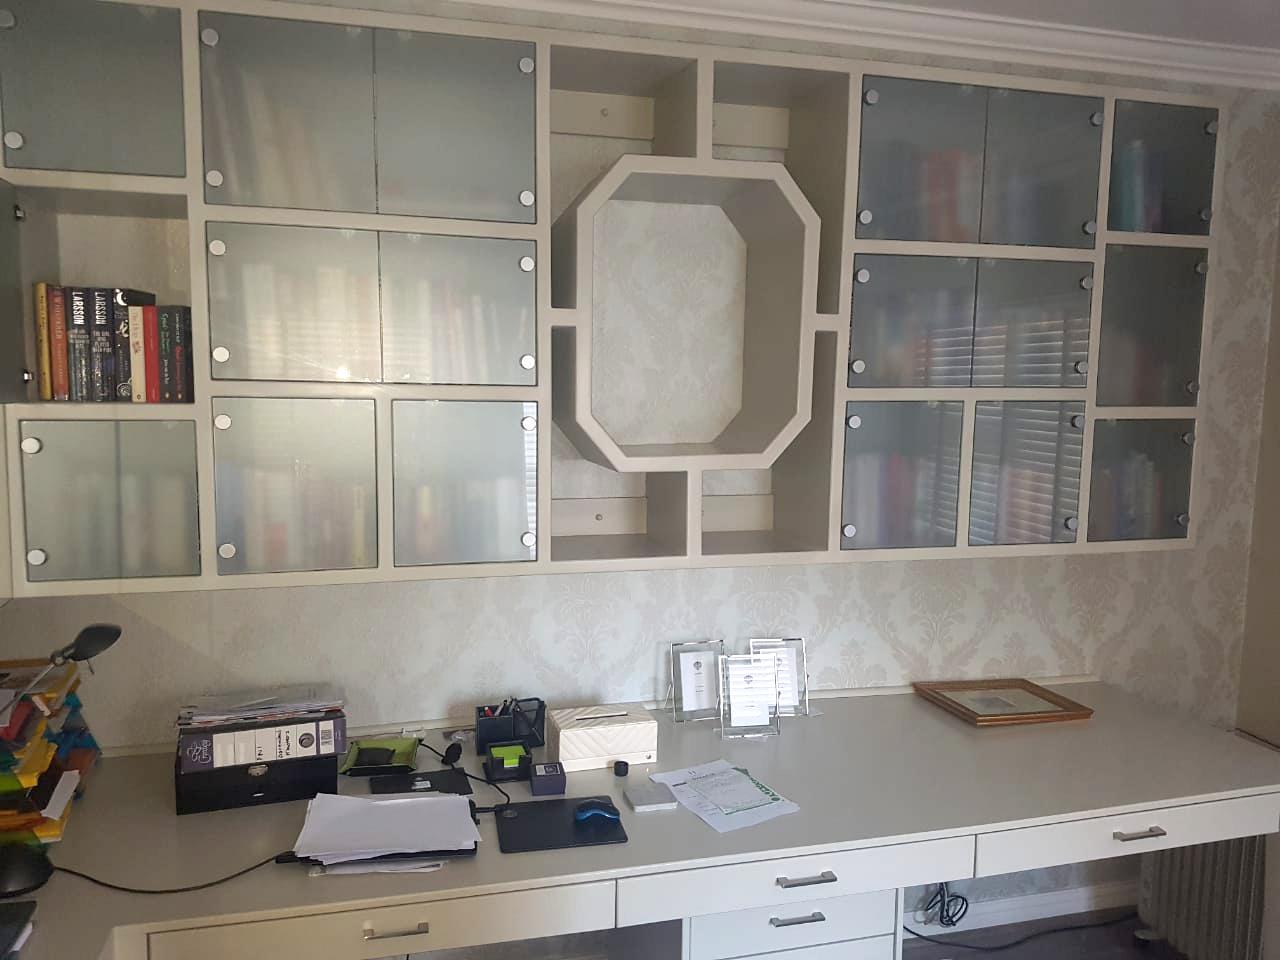 Design Furniture - Office Shelves